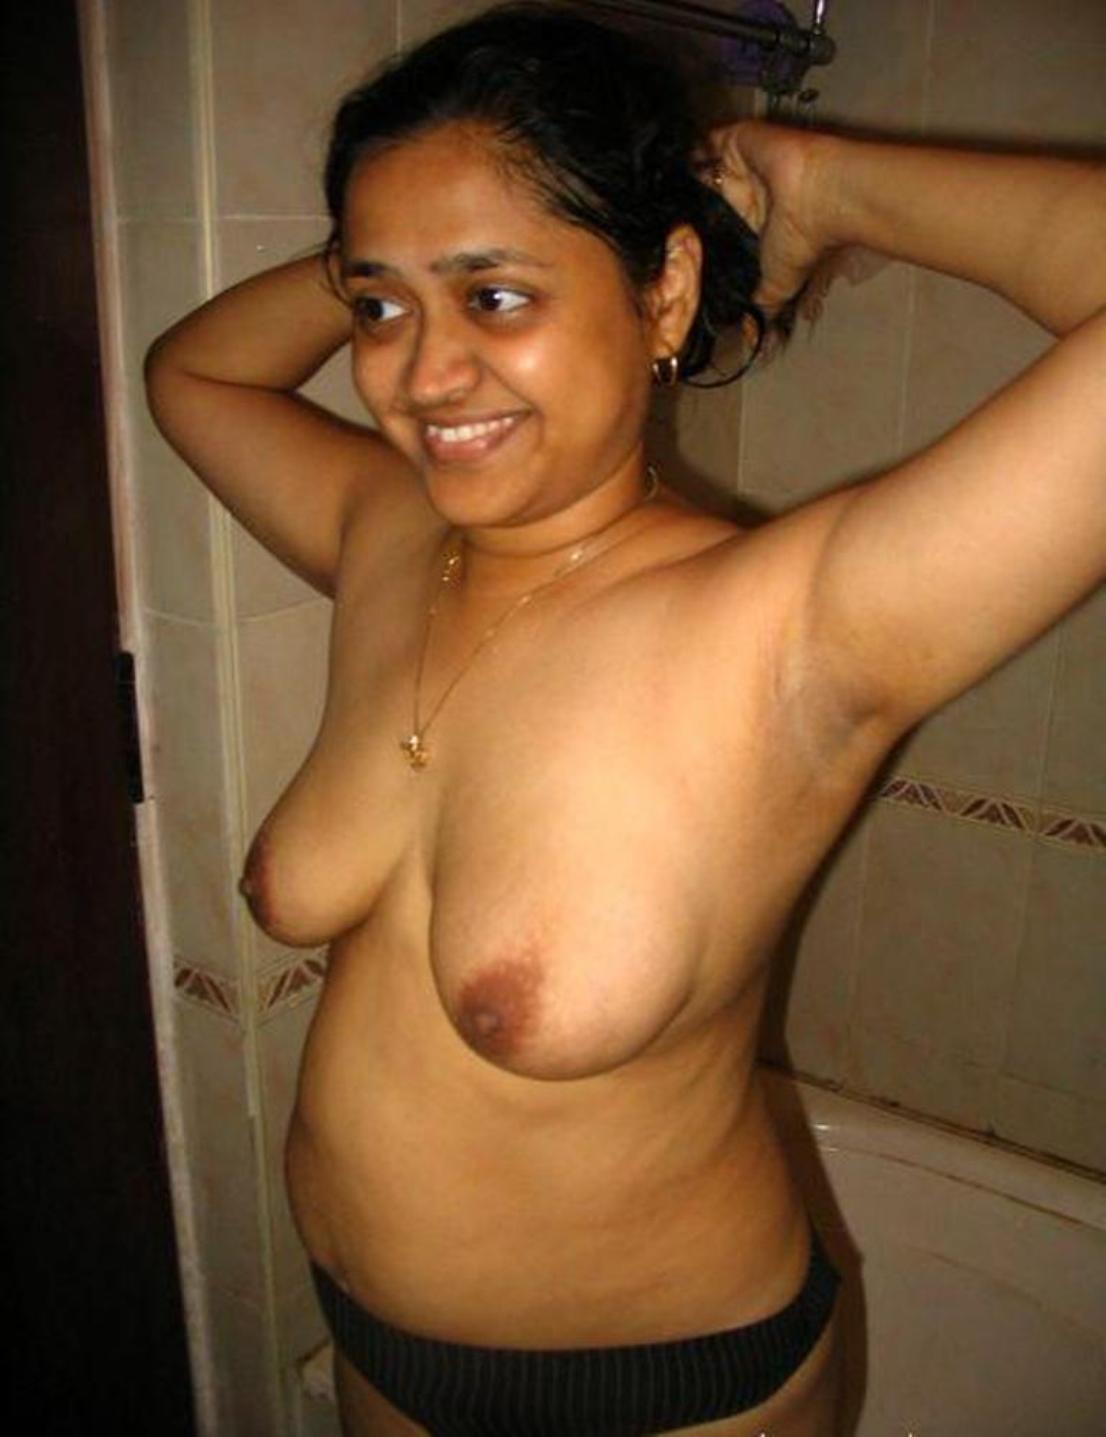 Virgin girl sudha naked